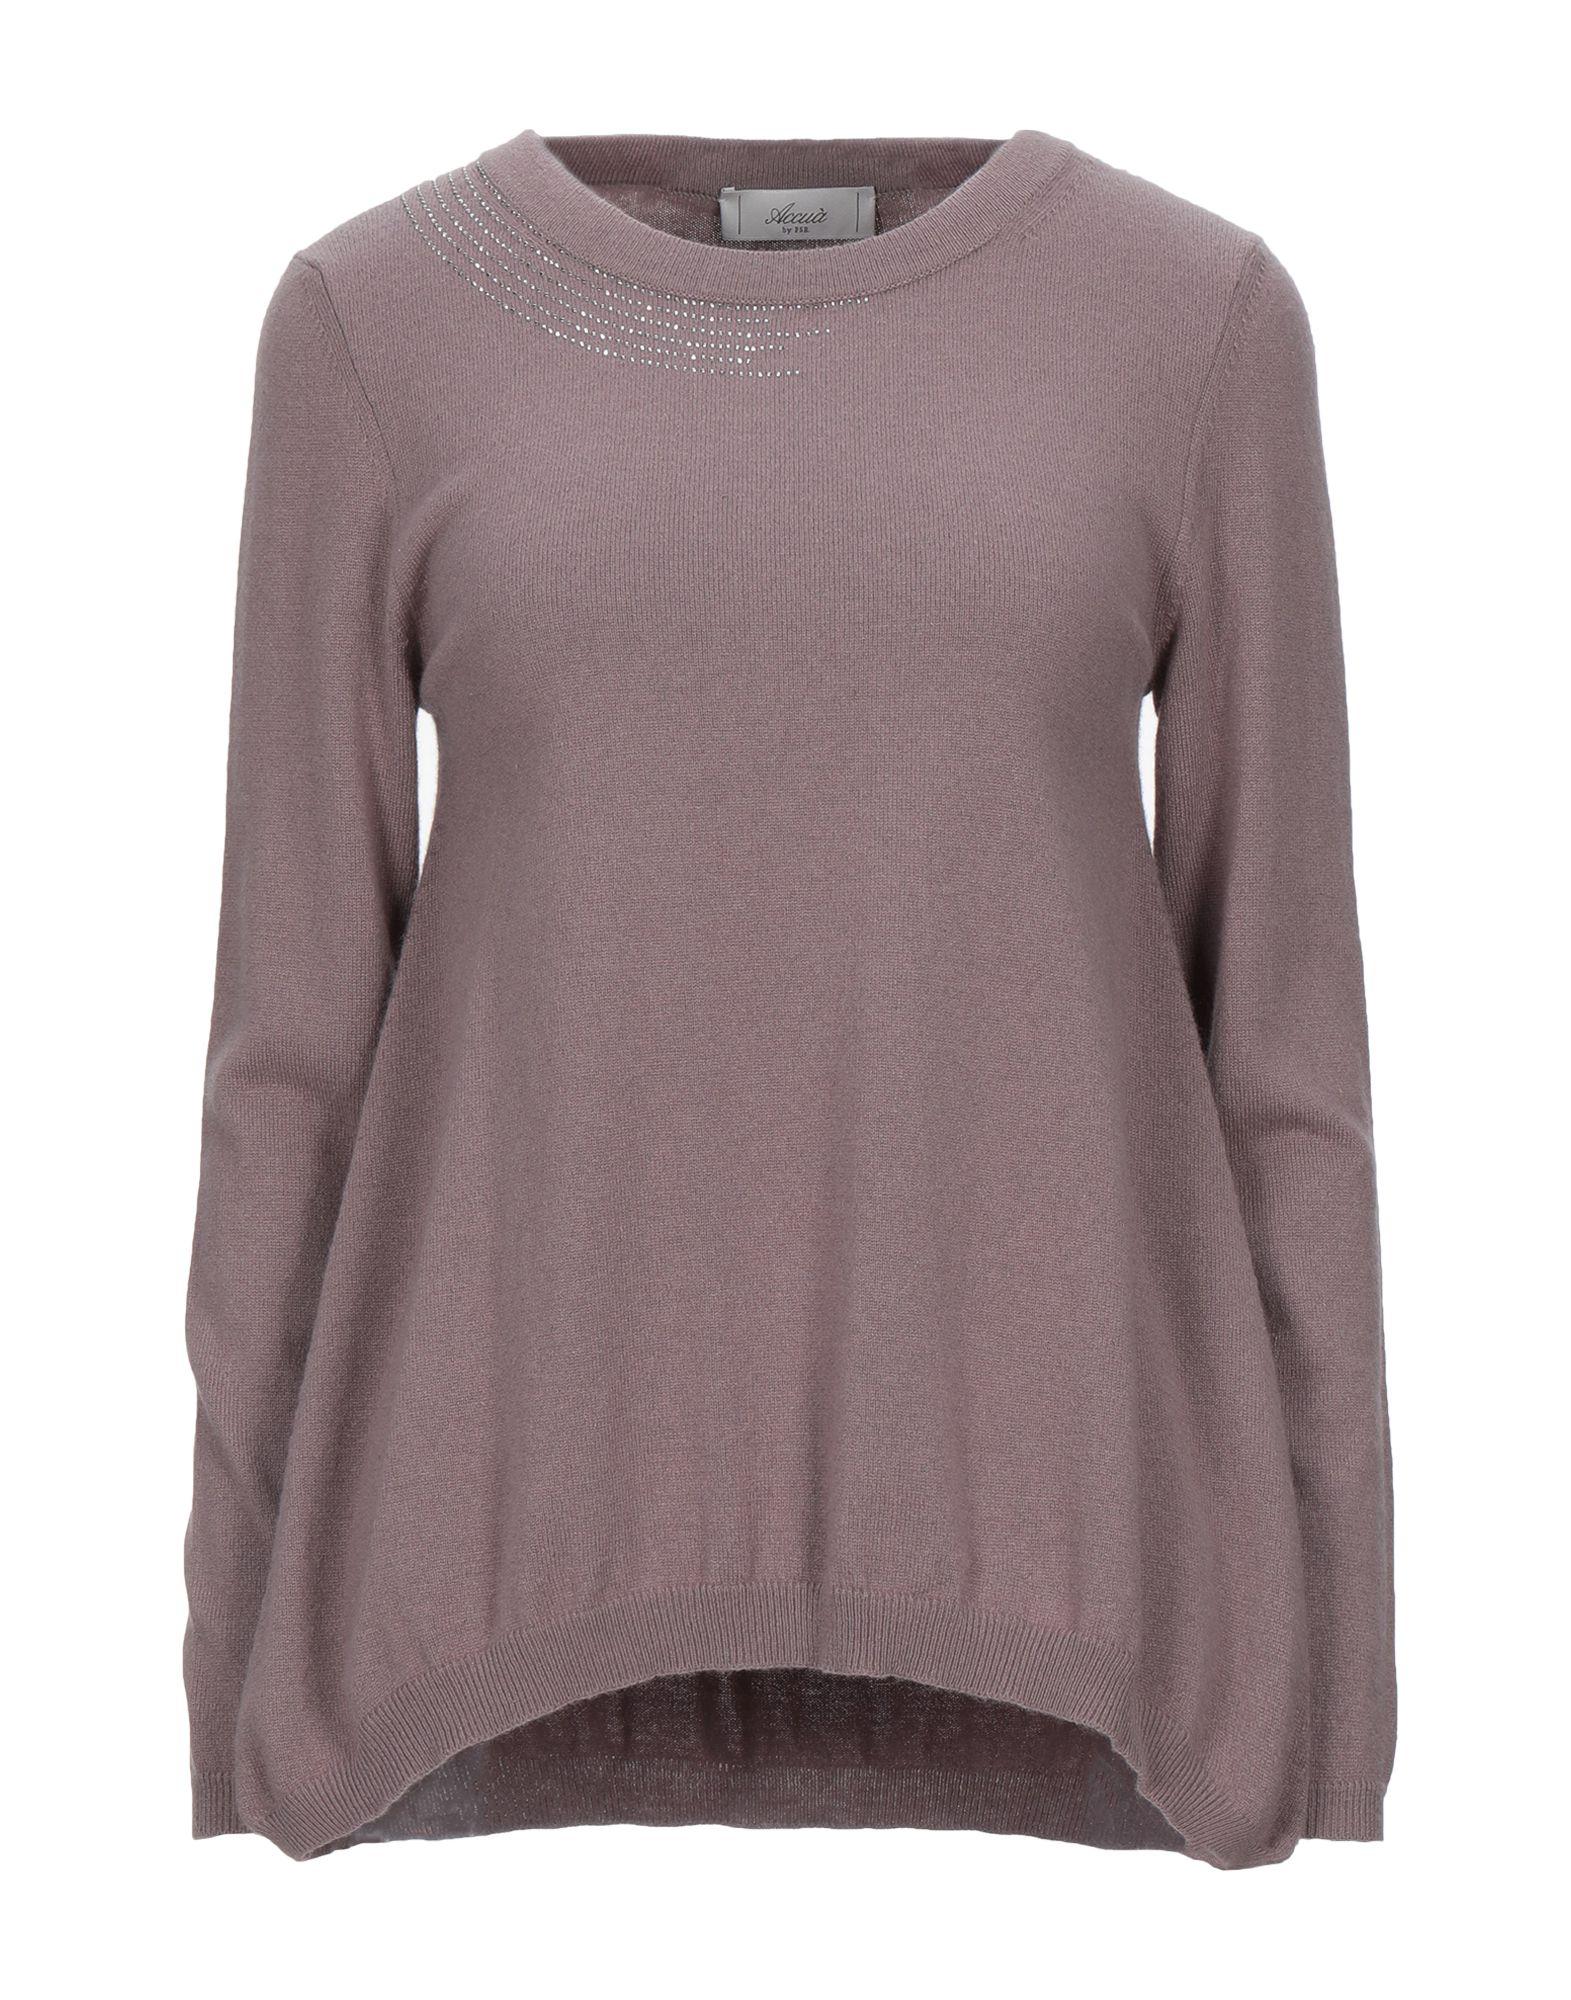 ACCUÀ by PSR Sweaters - Item 14081052